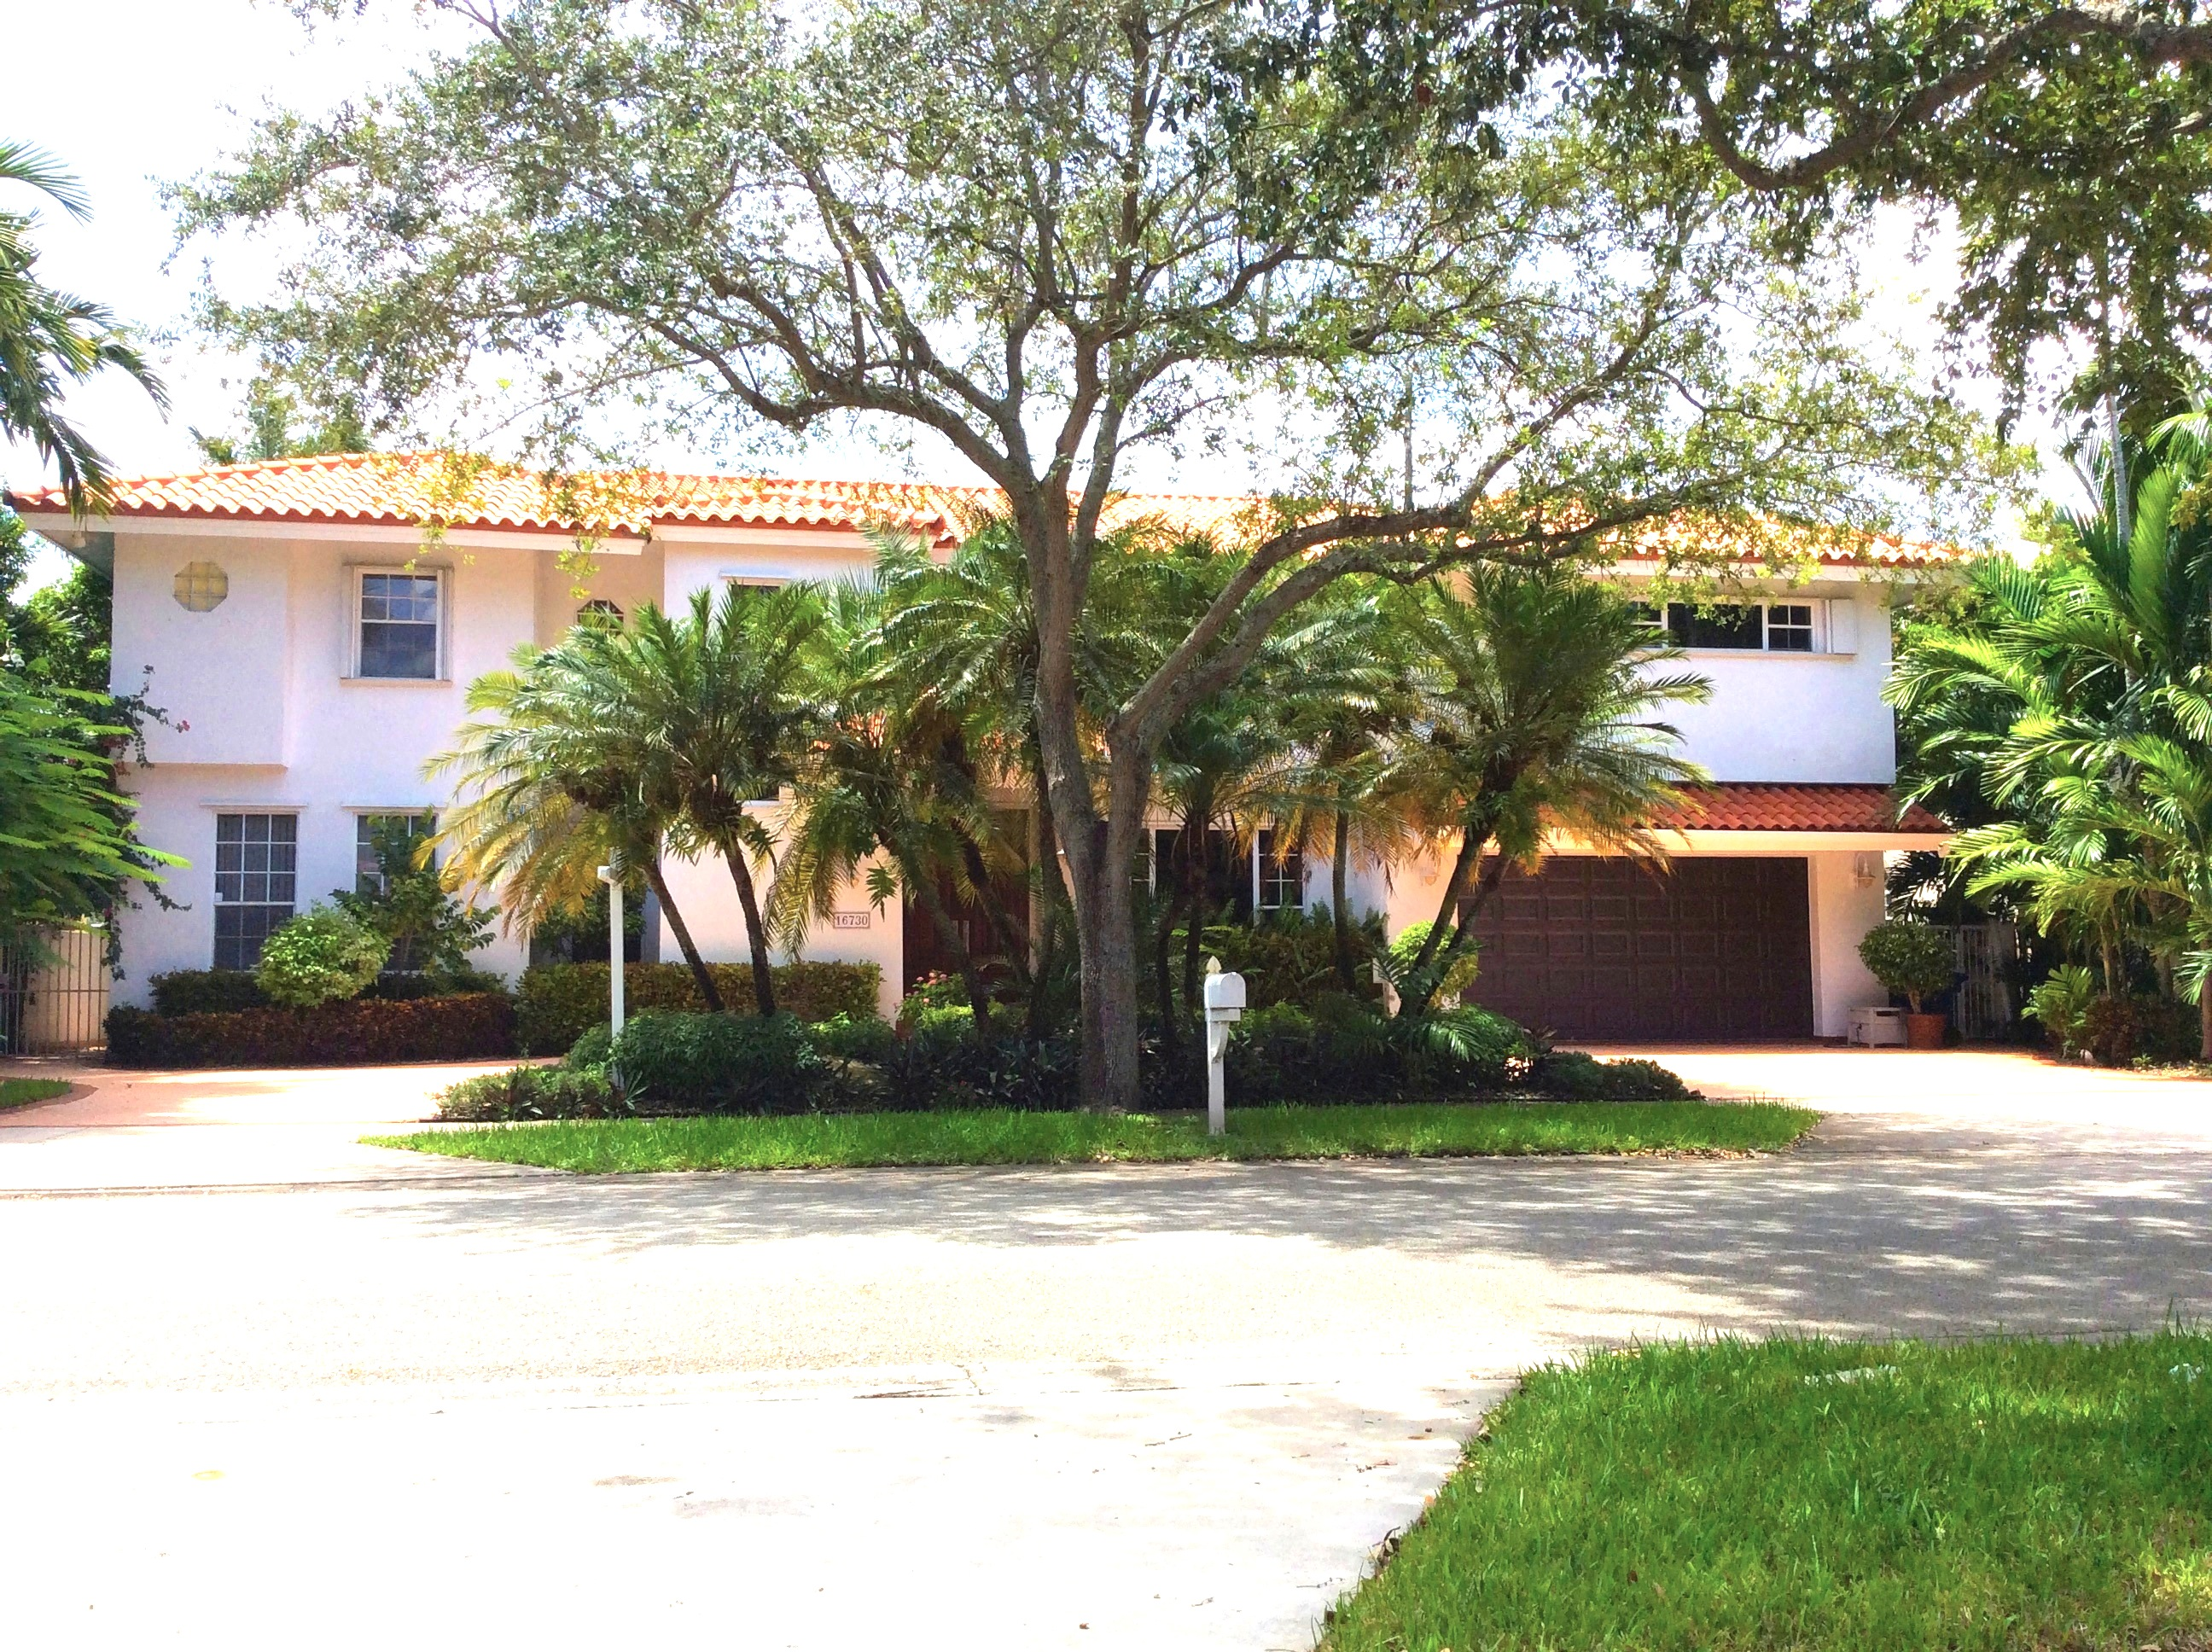 16730 NW 84 CT, Miami Lakes, Florida 33016